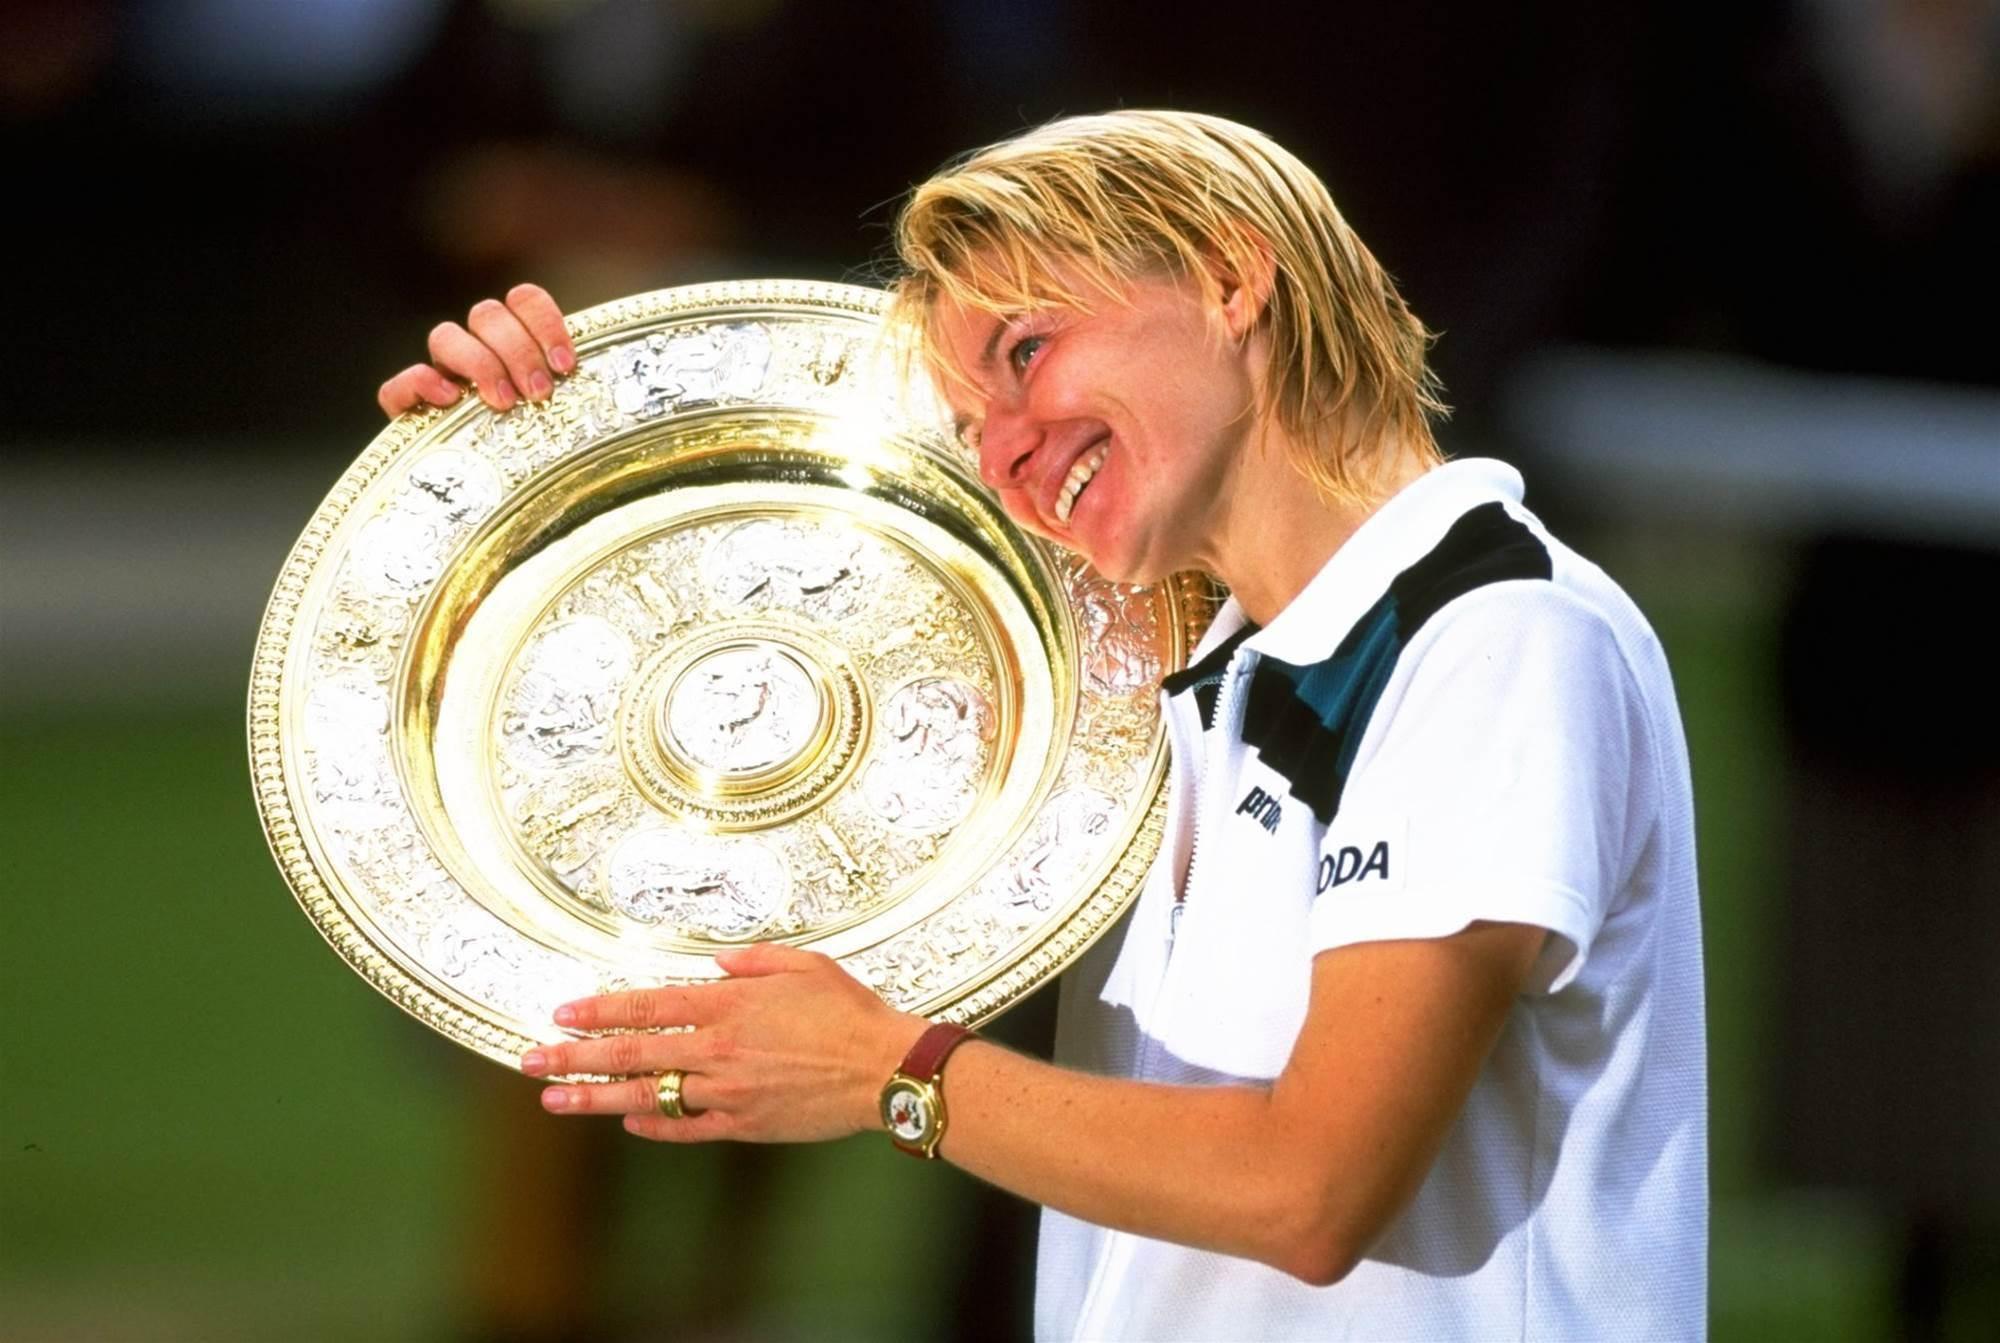 Former Wimbledon champ dead at 49